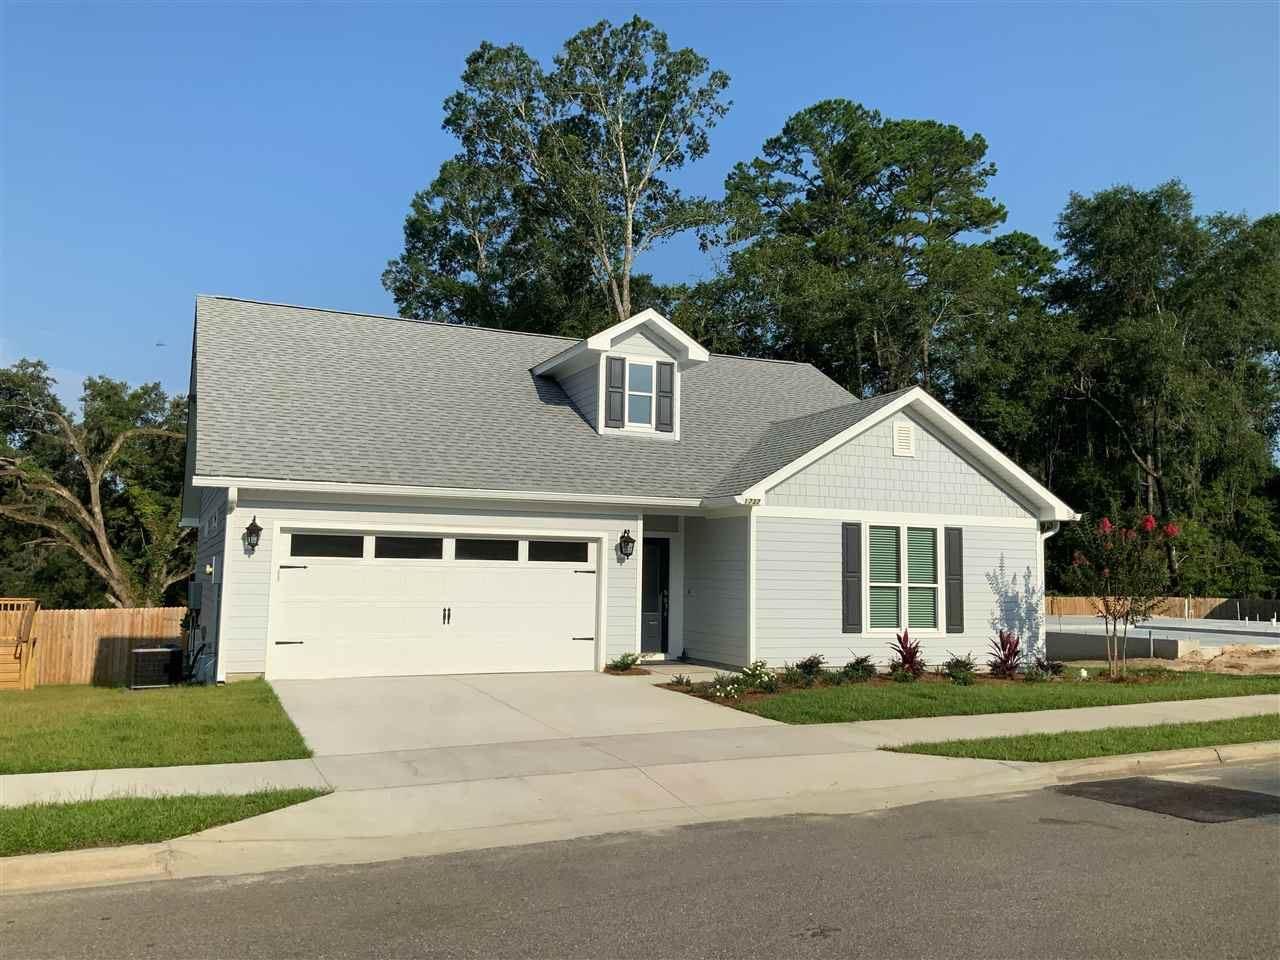 Photo of 1737 COTTAGE ROSE Lane, TALLAHASSEE, FL 32308 (MLS # 335666)